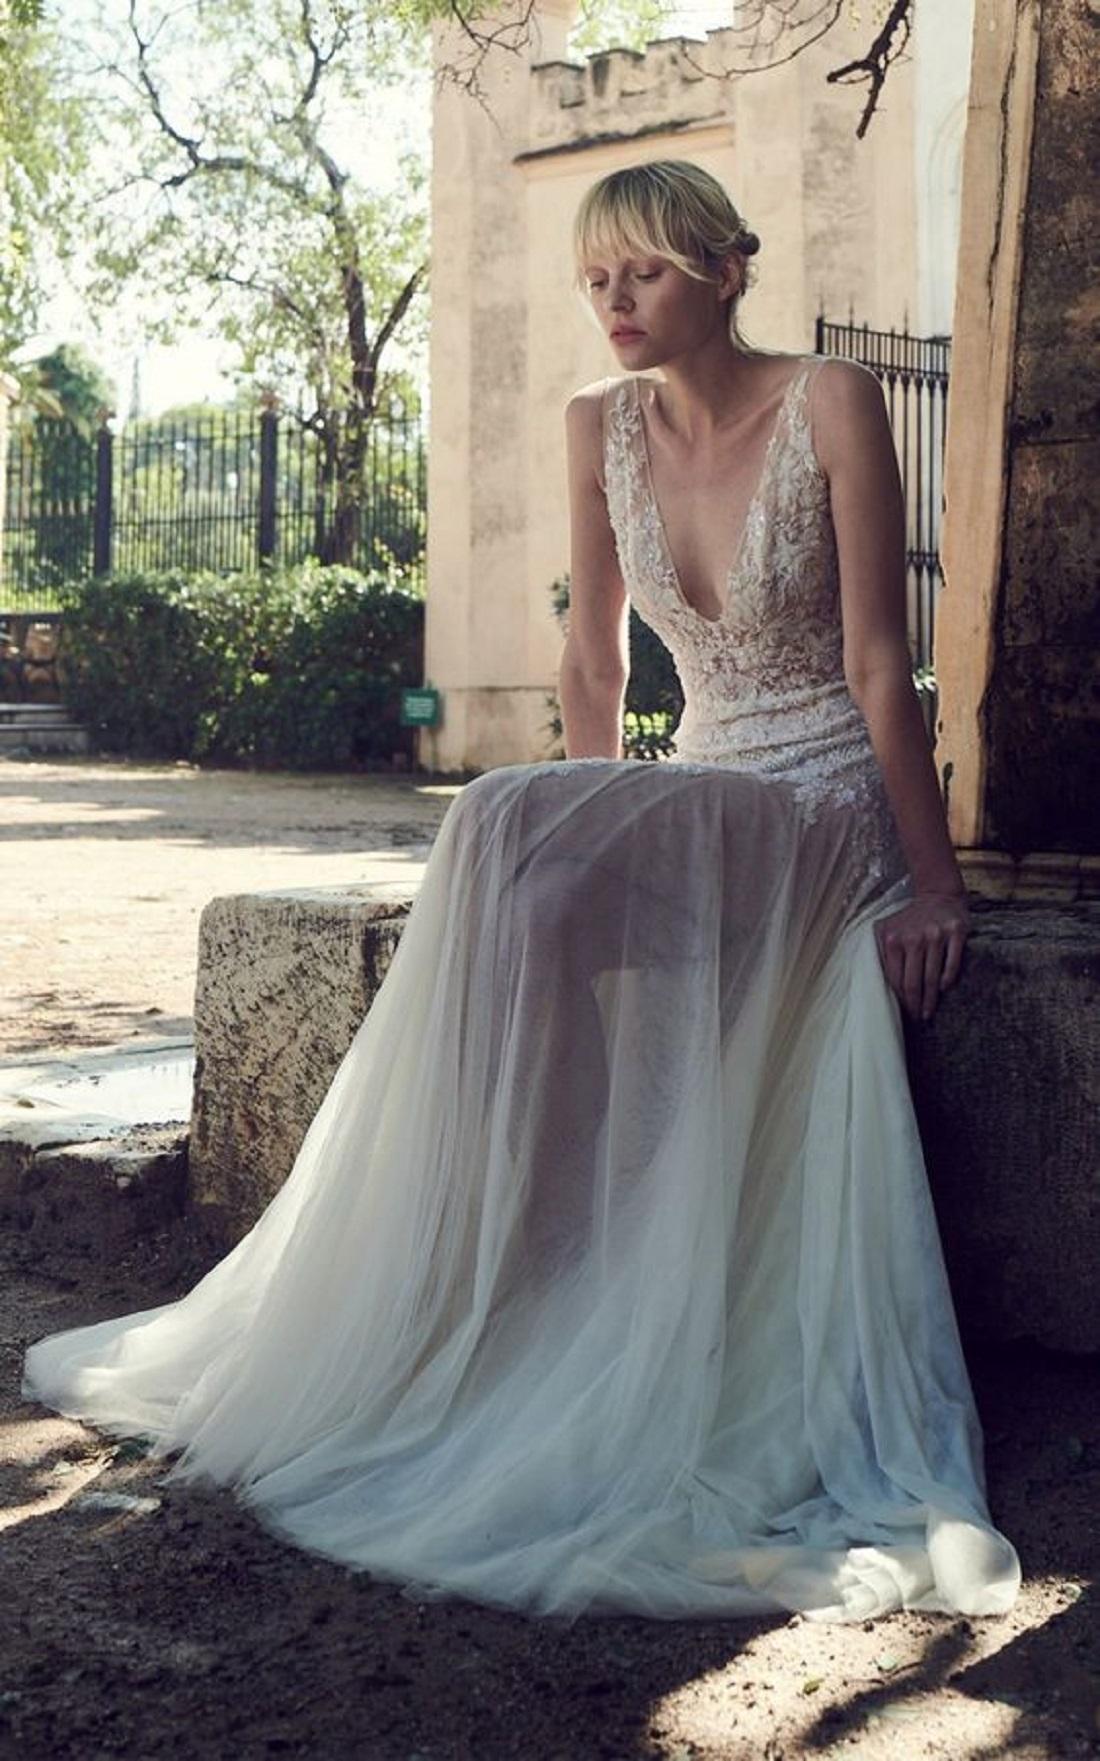 @projectfairytale: Costarellos Bridal